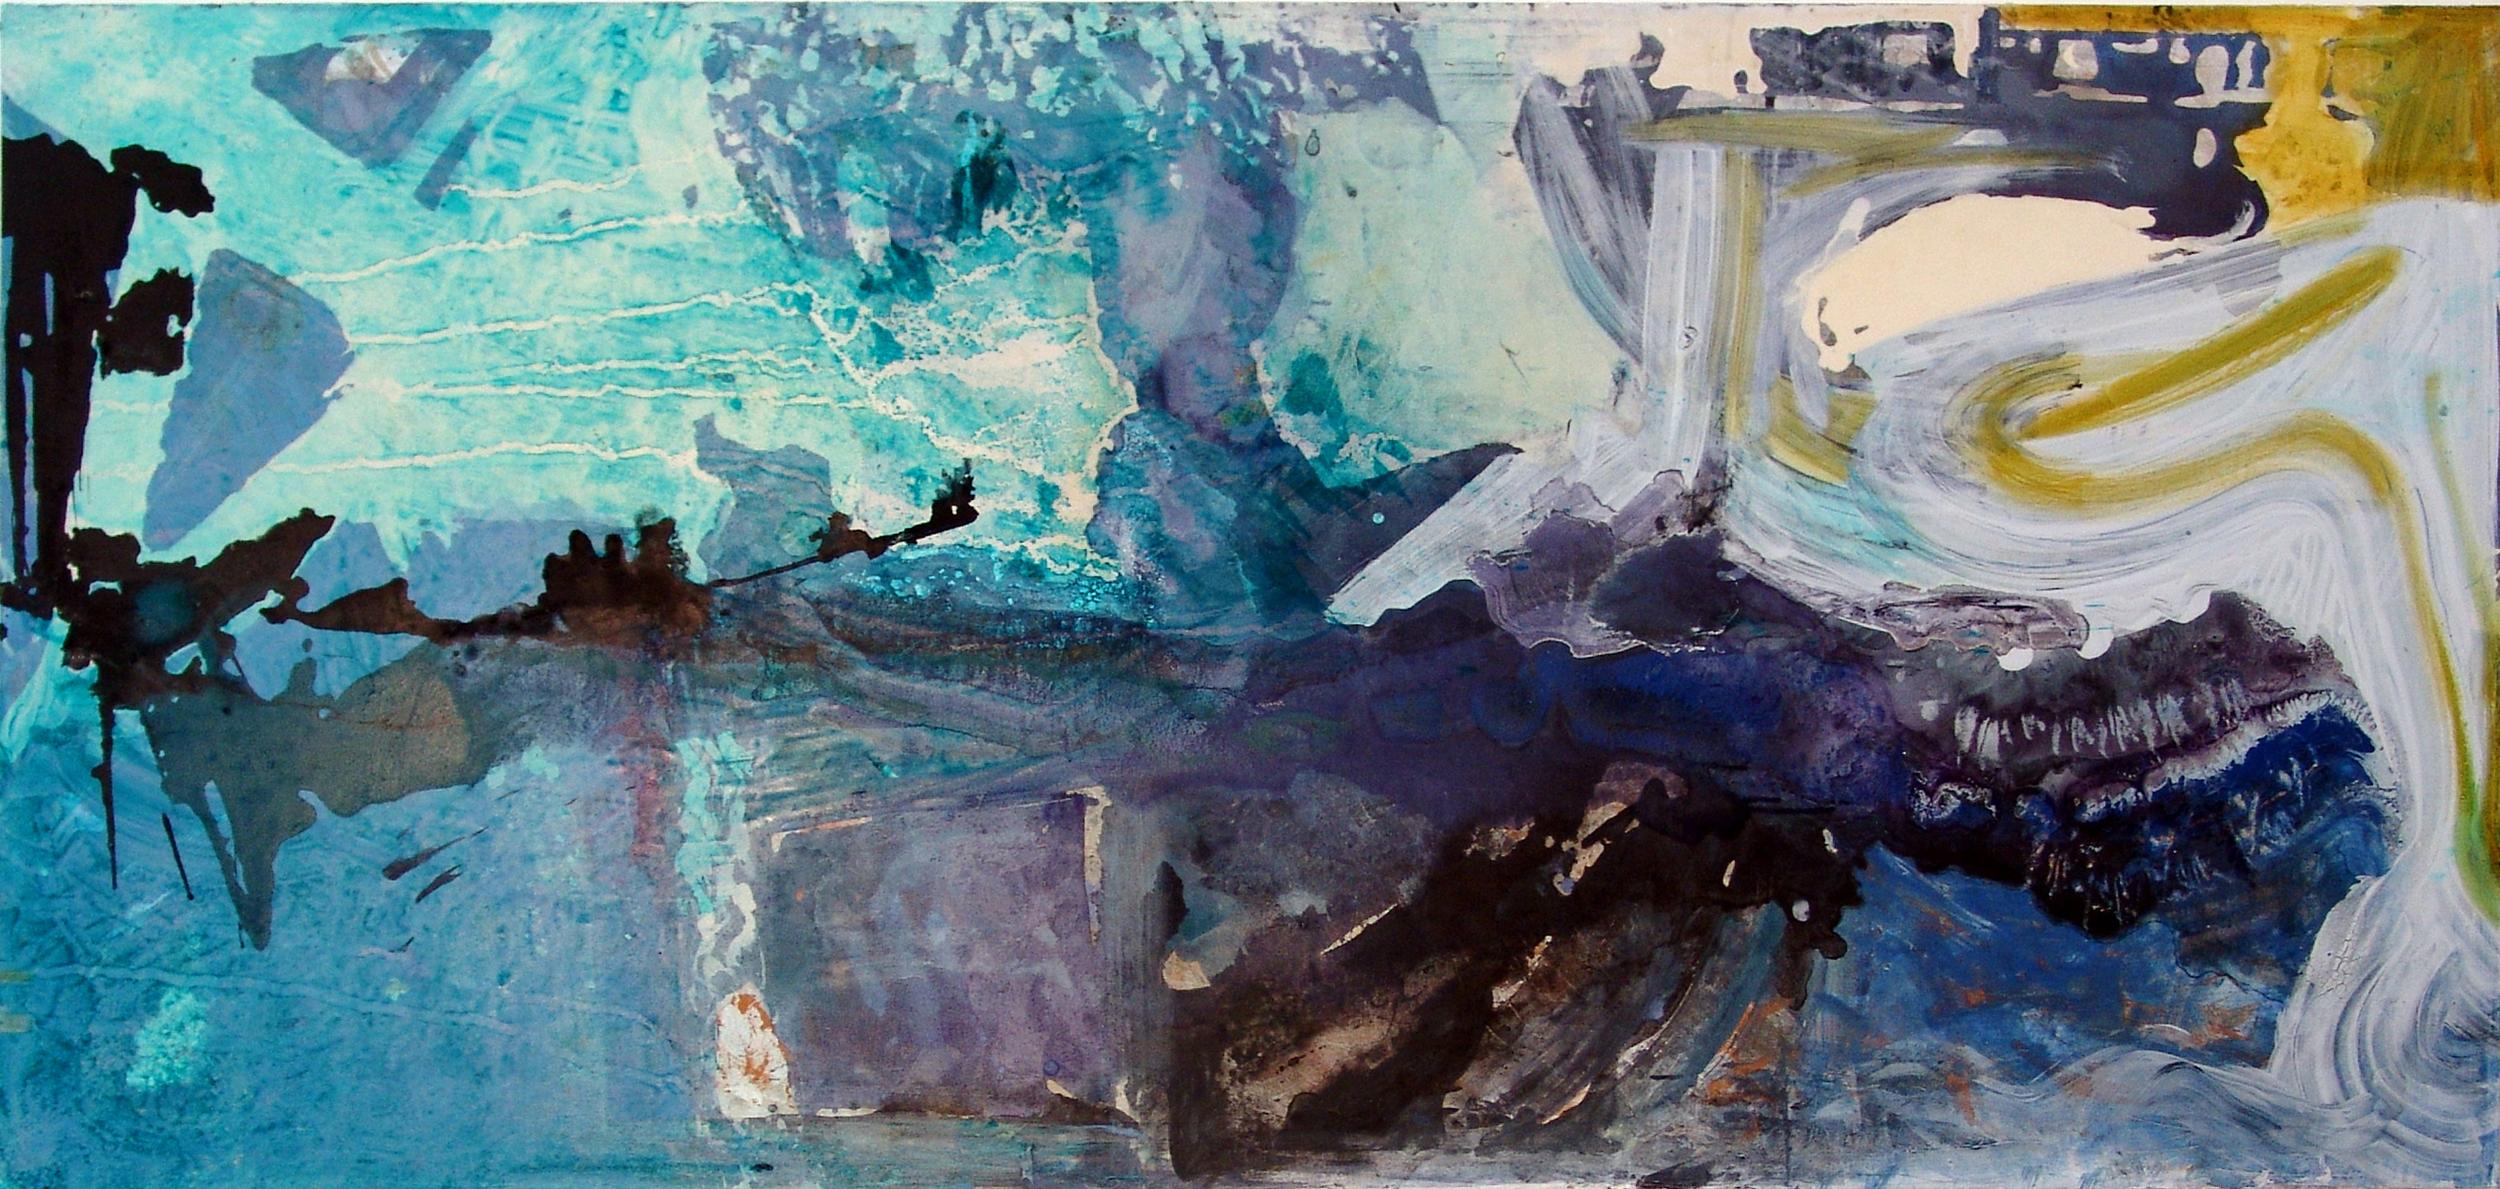 Tidal Pool 2